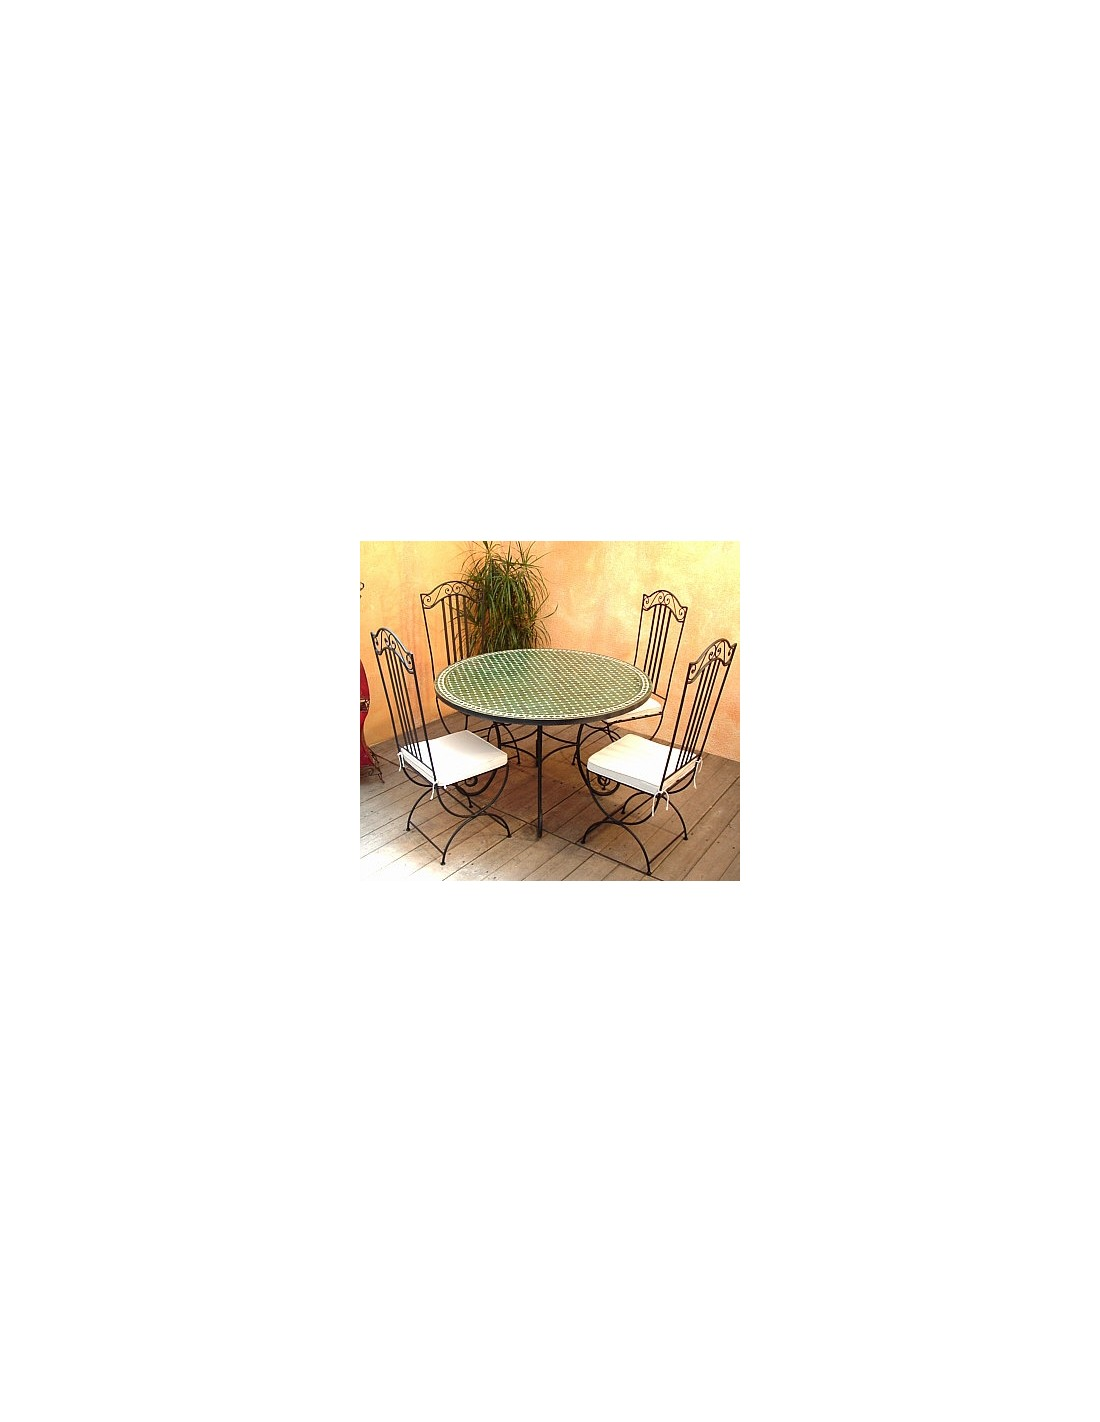 mosaiktisch hamra 120cm rund aus marokko. Black Bedroom Furniture Sets. Home Design Ideas